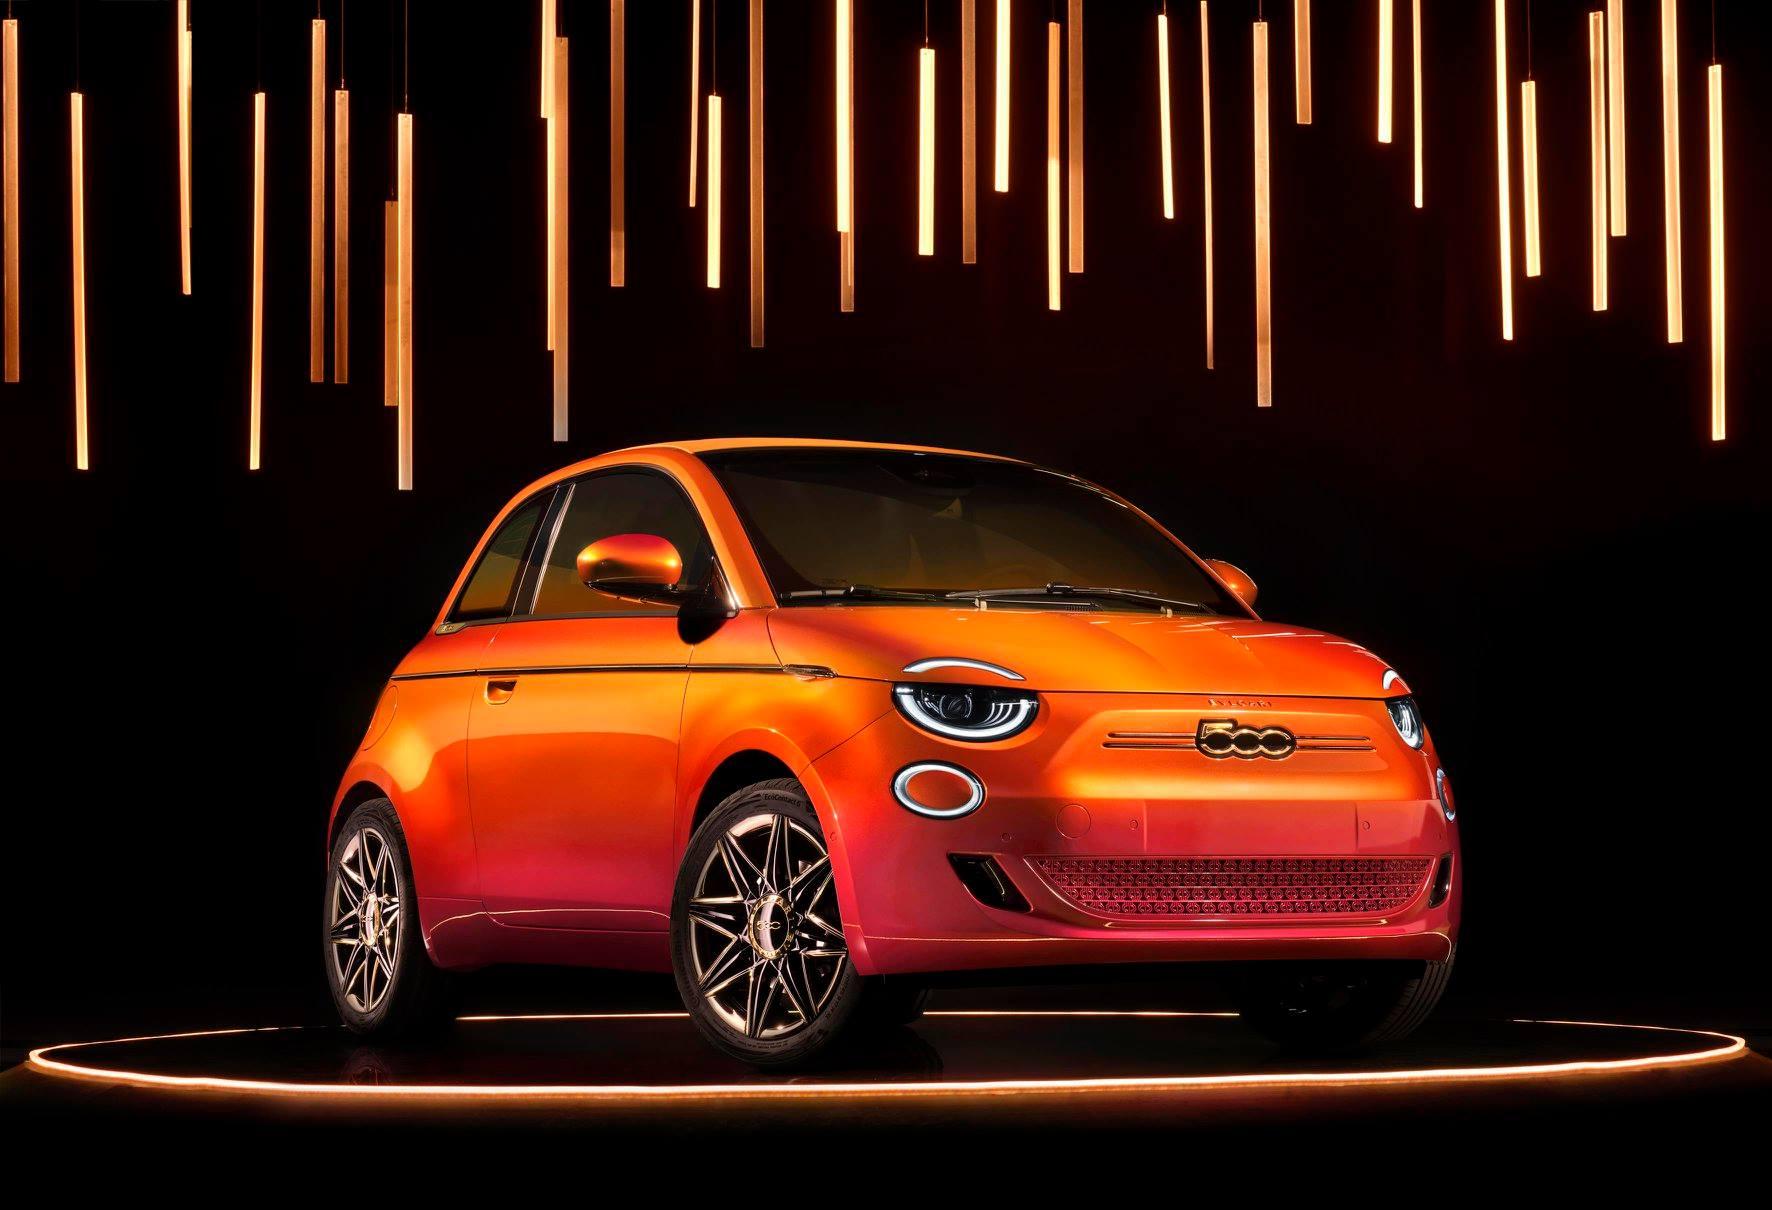 Fiat y Bvlgari presentan una joya automotriz